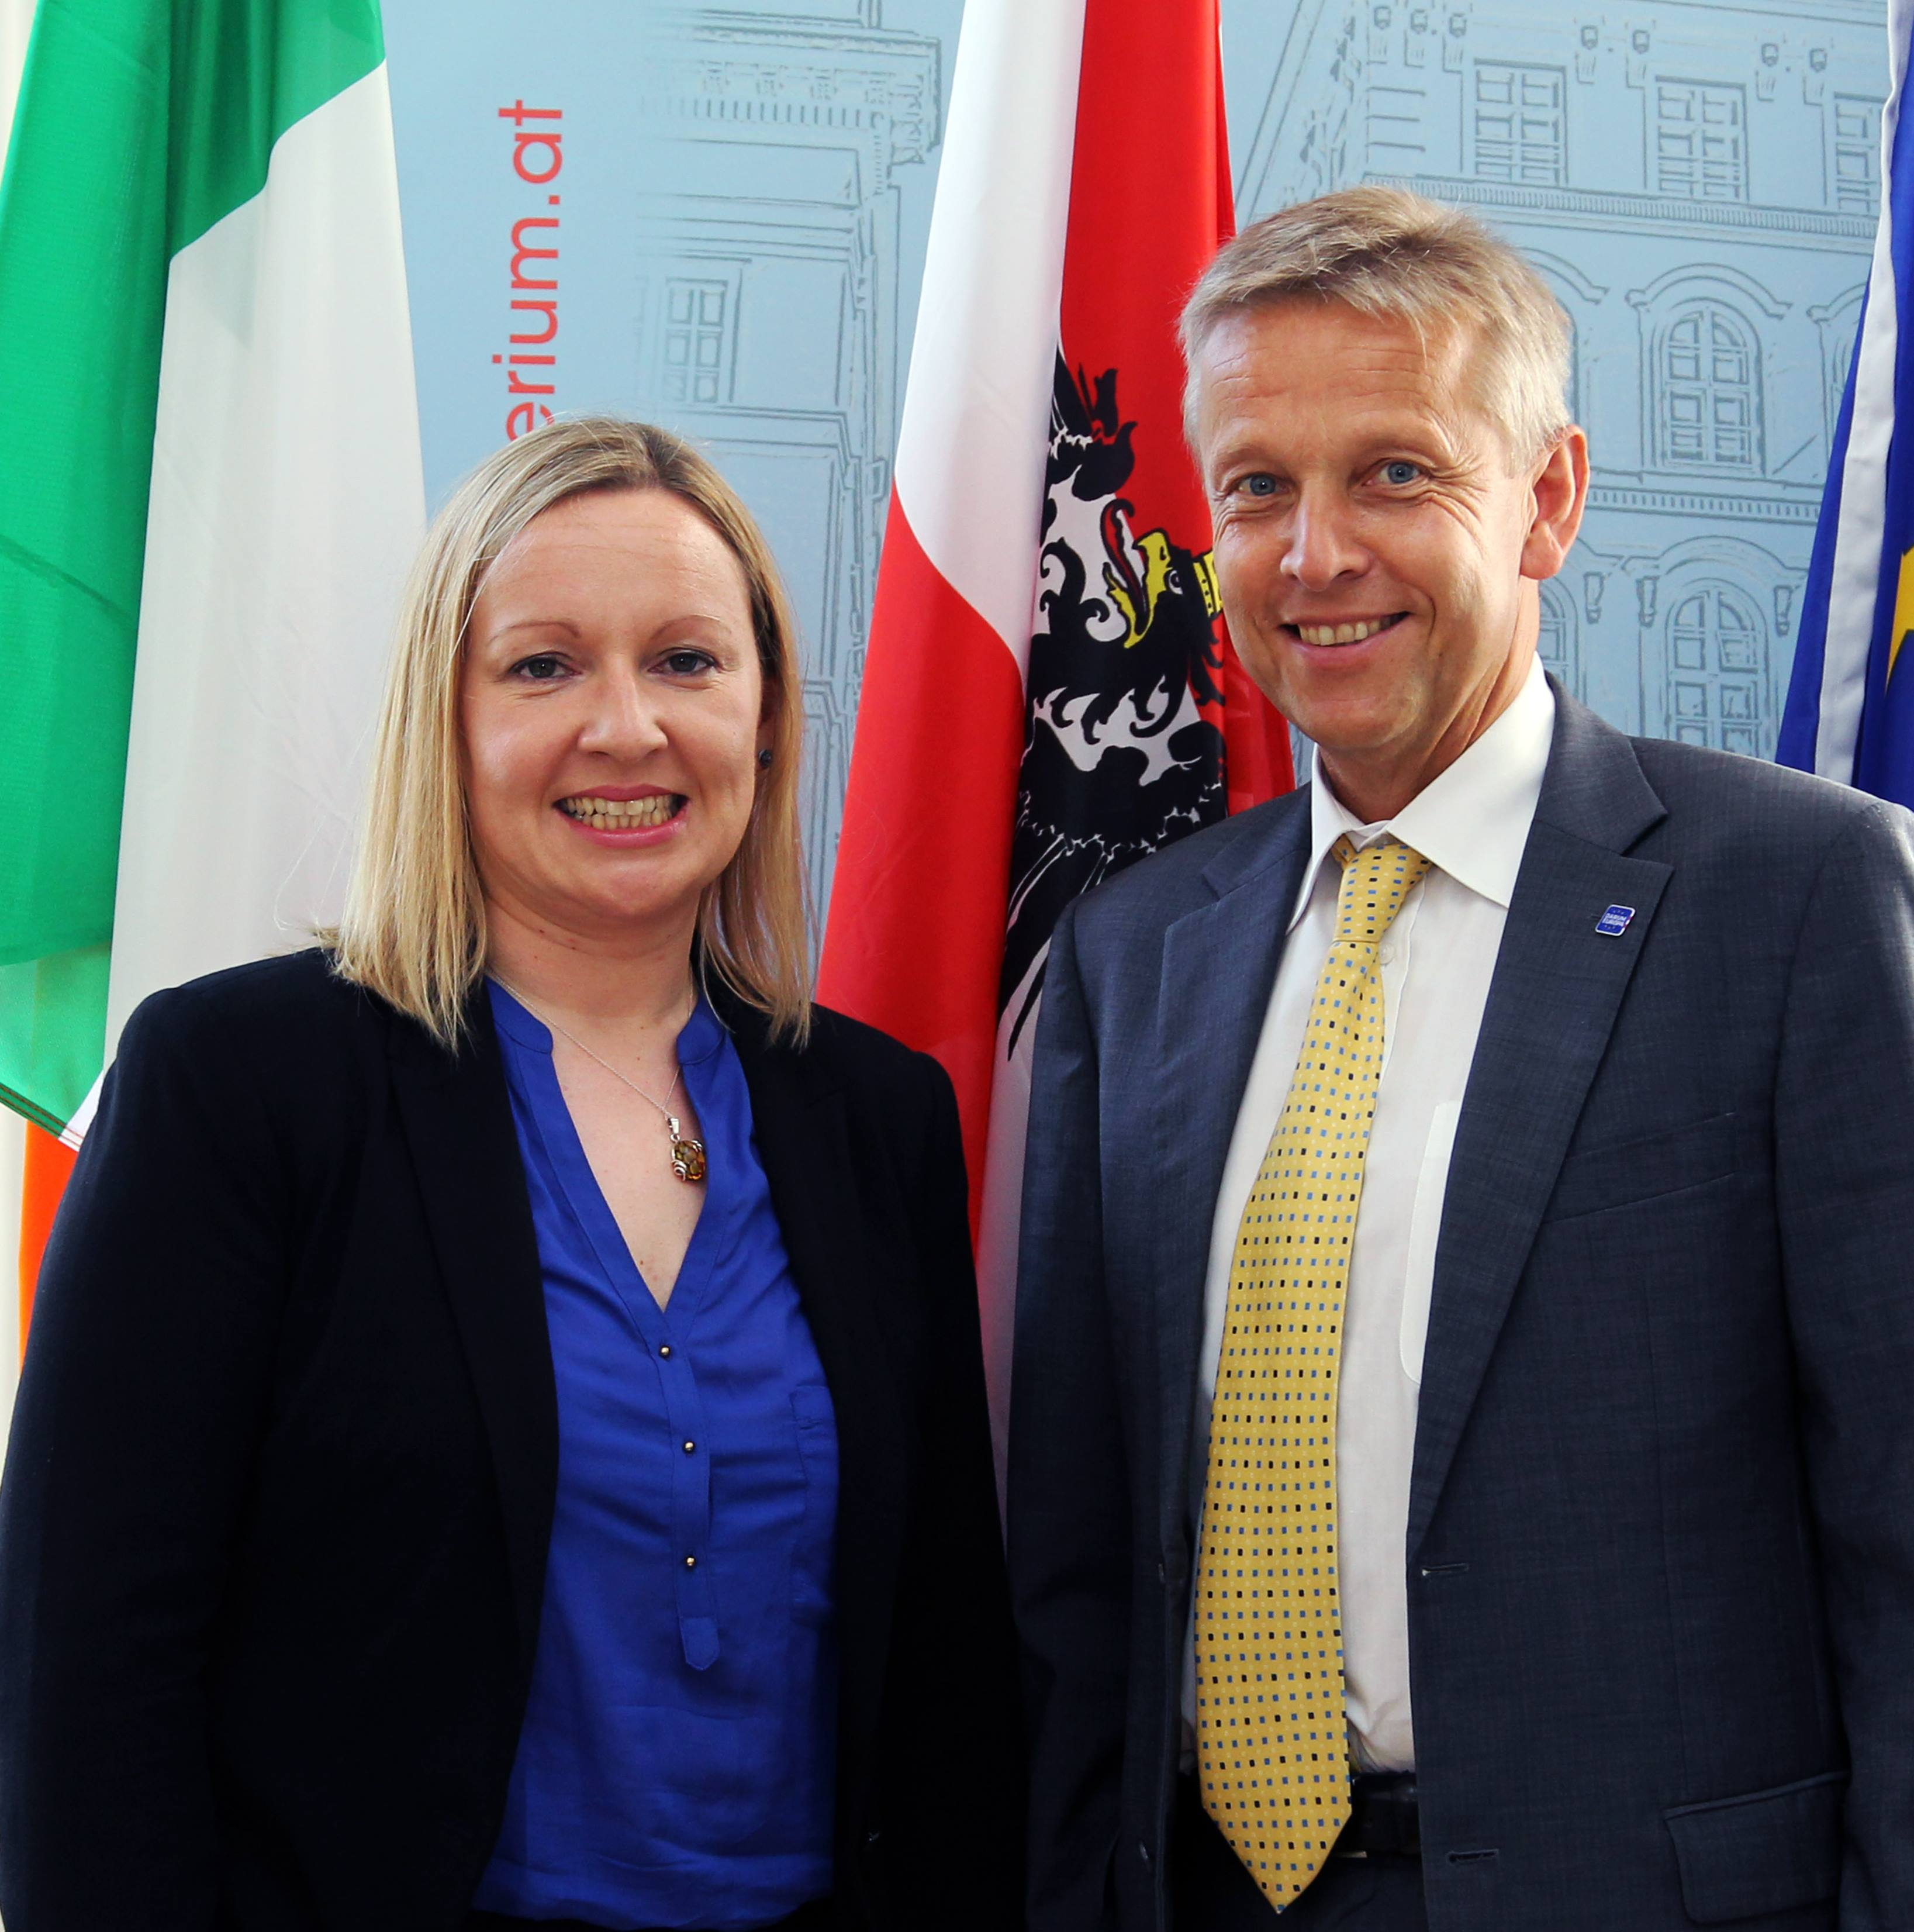 (c) BMEIA, STS Lopatka und die irsiche Europaministerin Lucinda Creighton